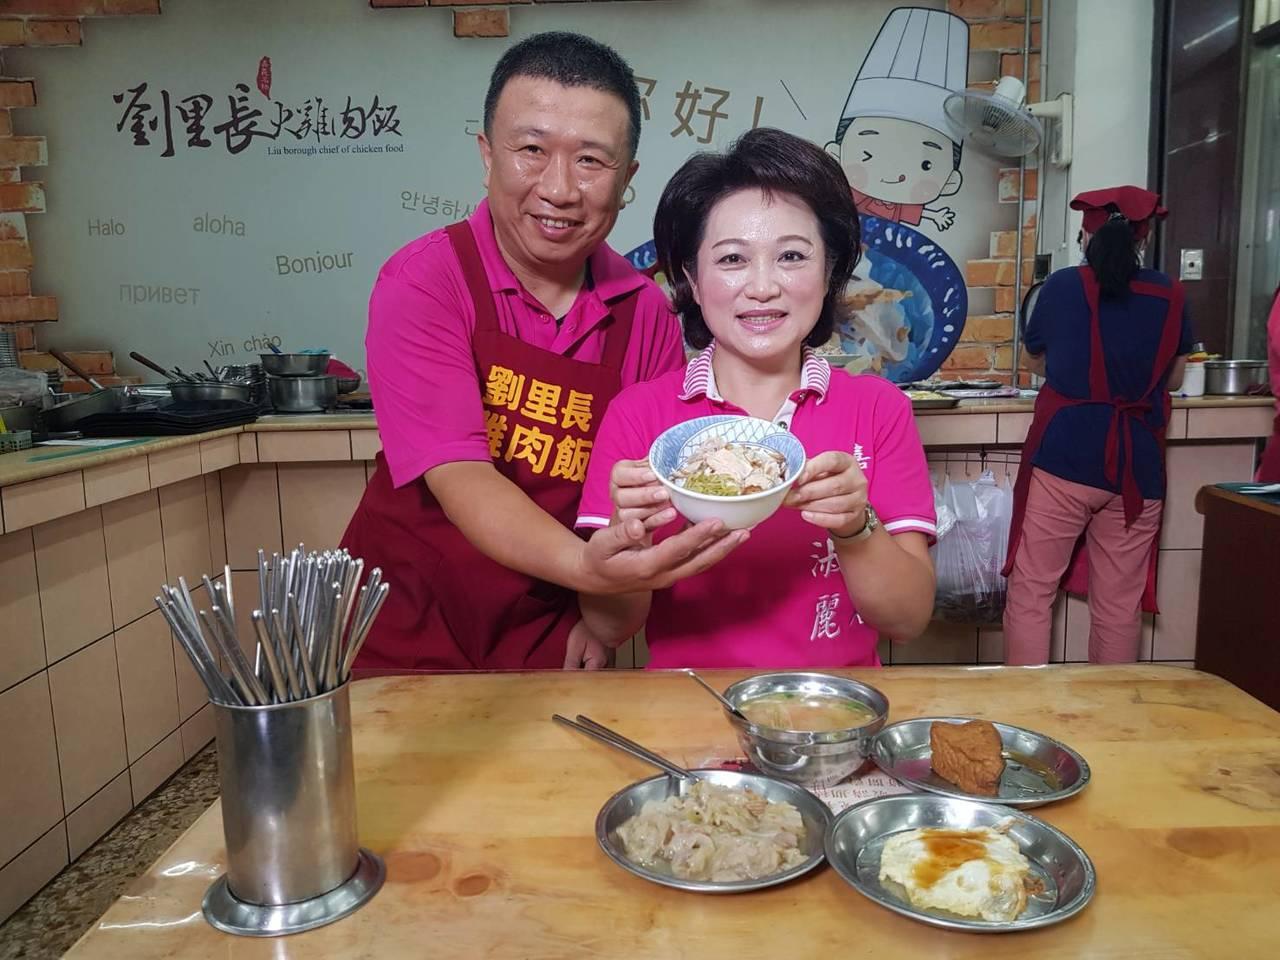 蕭淑麗議長帶大家來到老店「劉里長雞肉飯」,特別推薦點「雞片飯」。記者石偉民/攝影